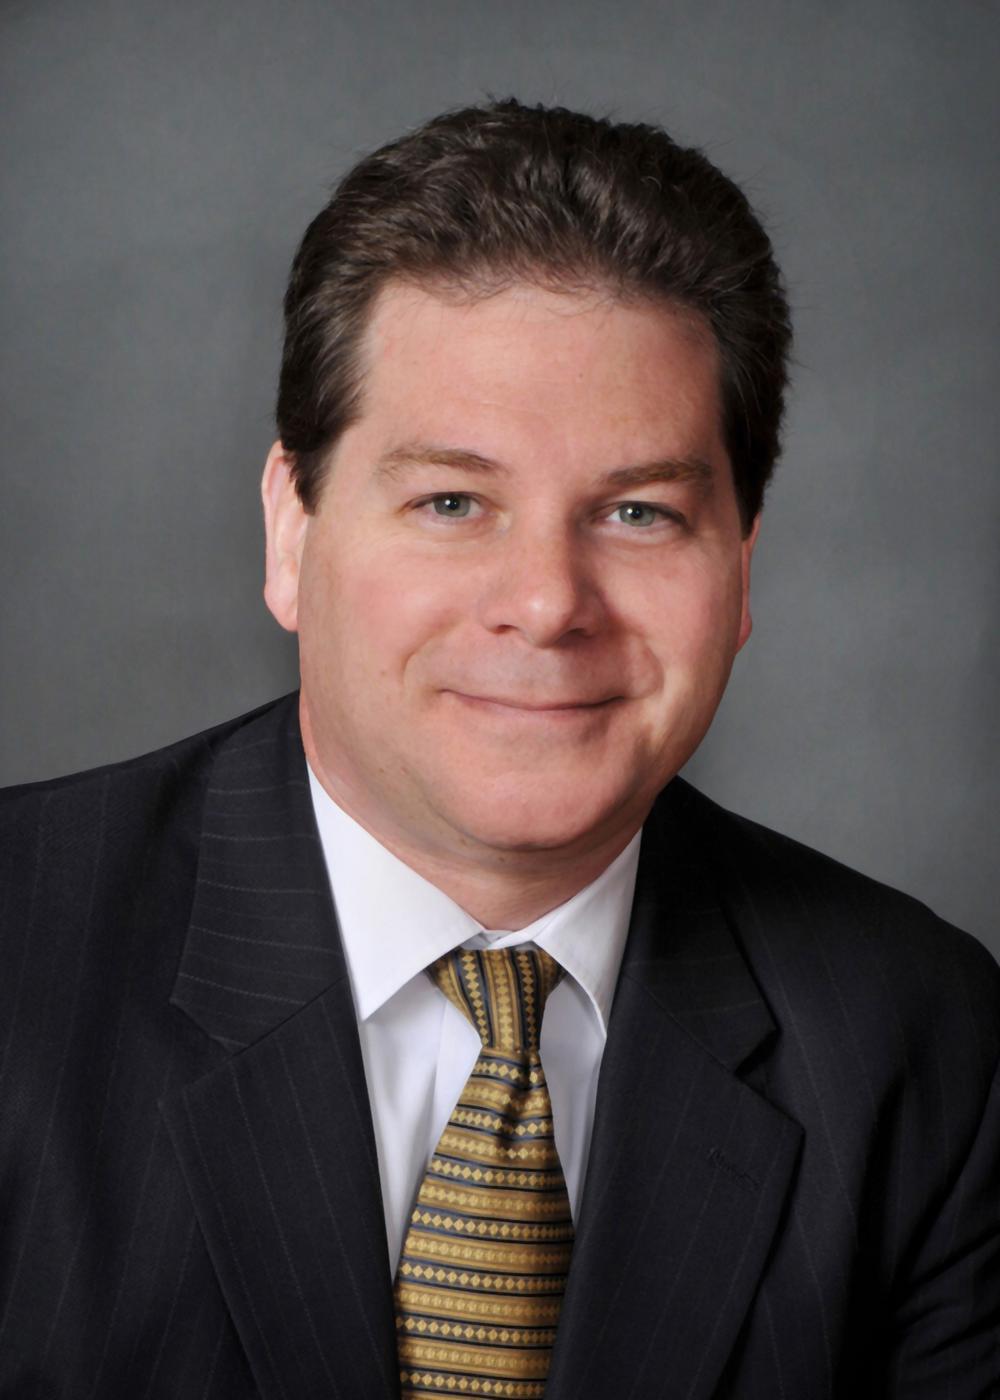 William G. Speciale